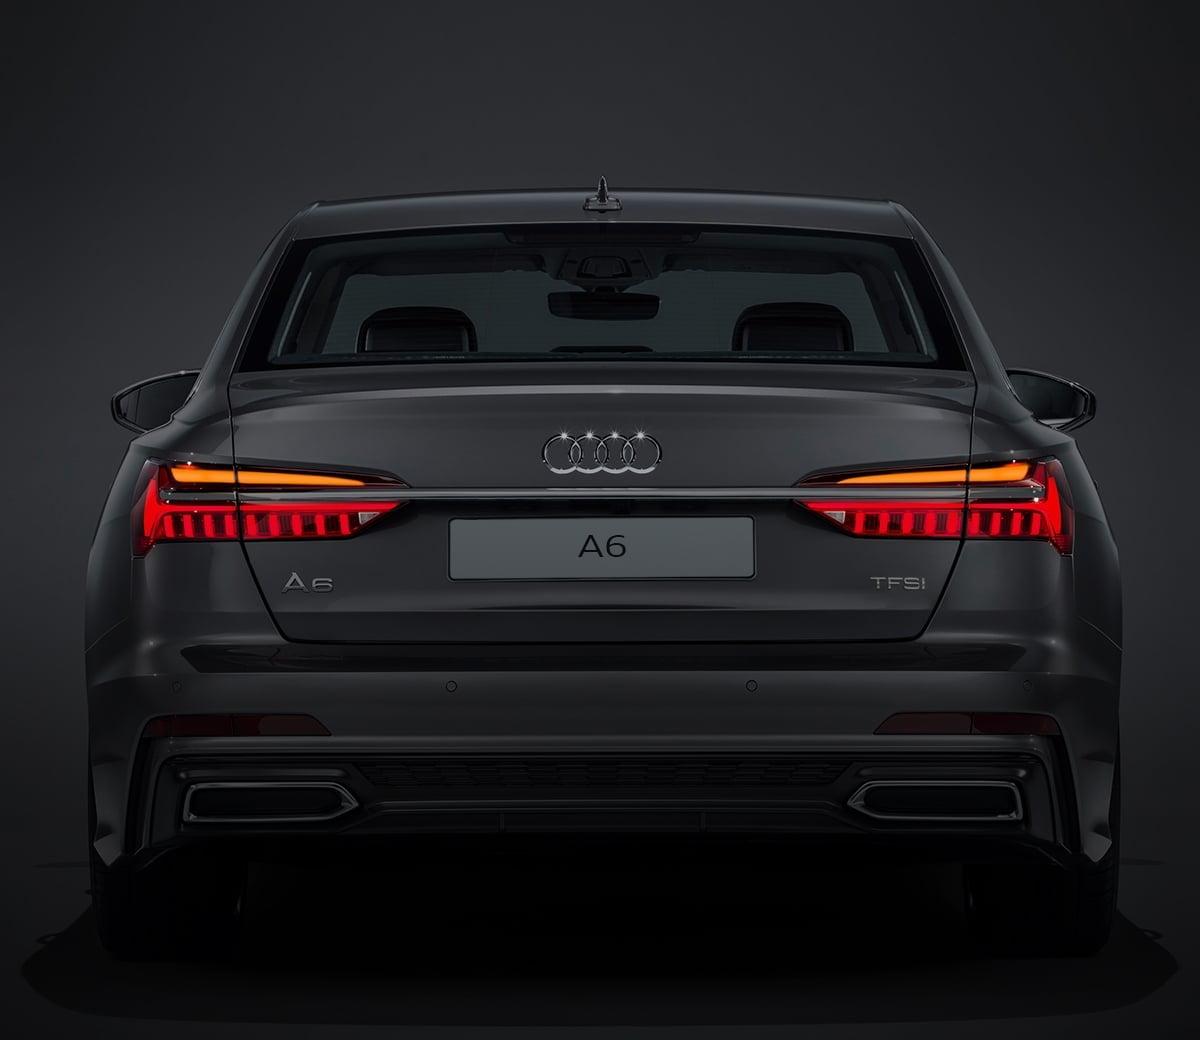 Kelebihan A6 Audi 2019 Perbandingan Harga